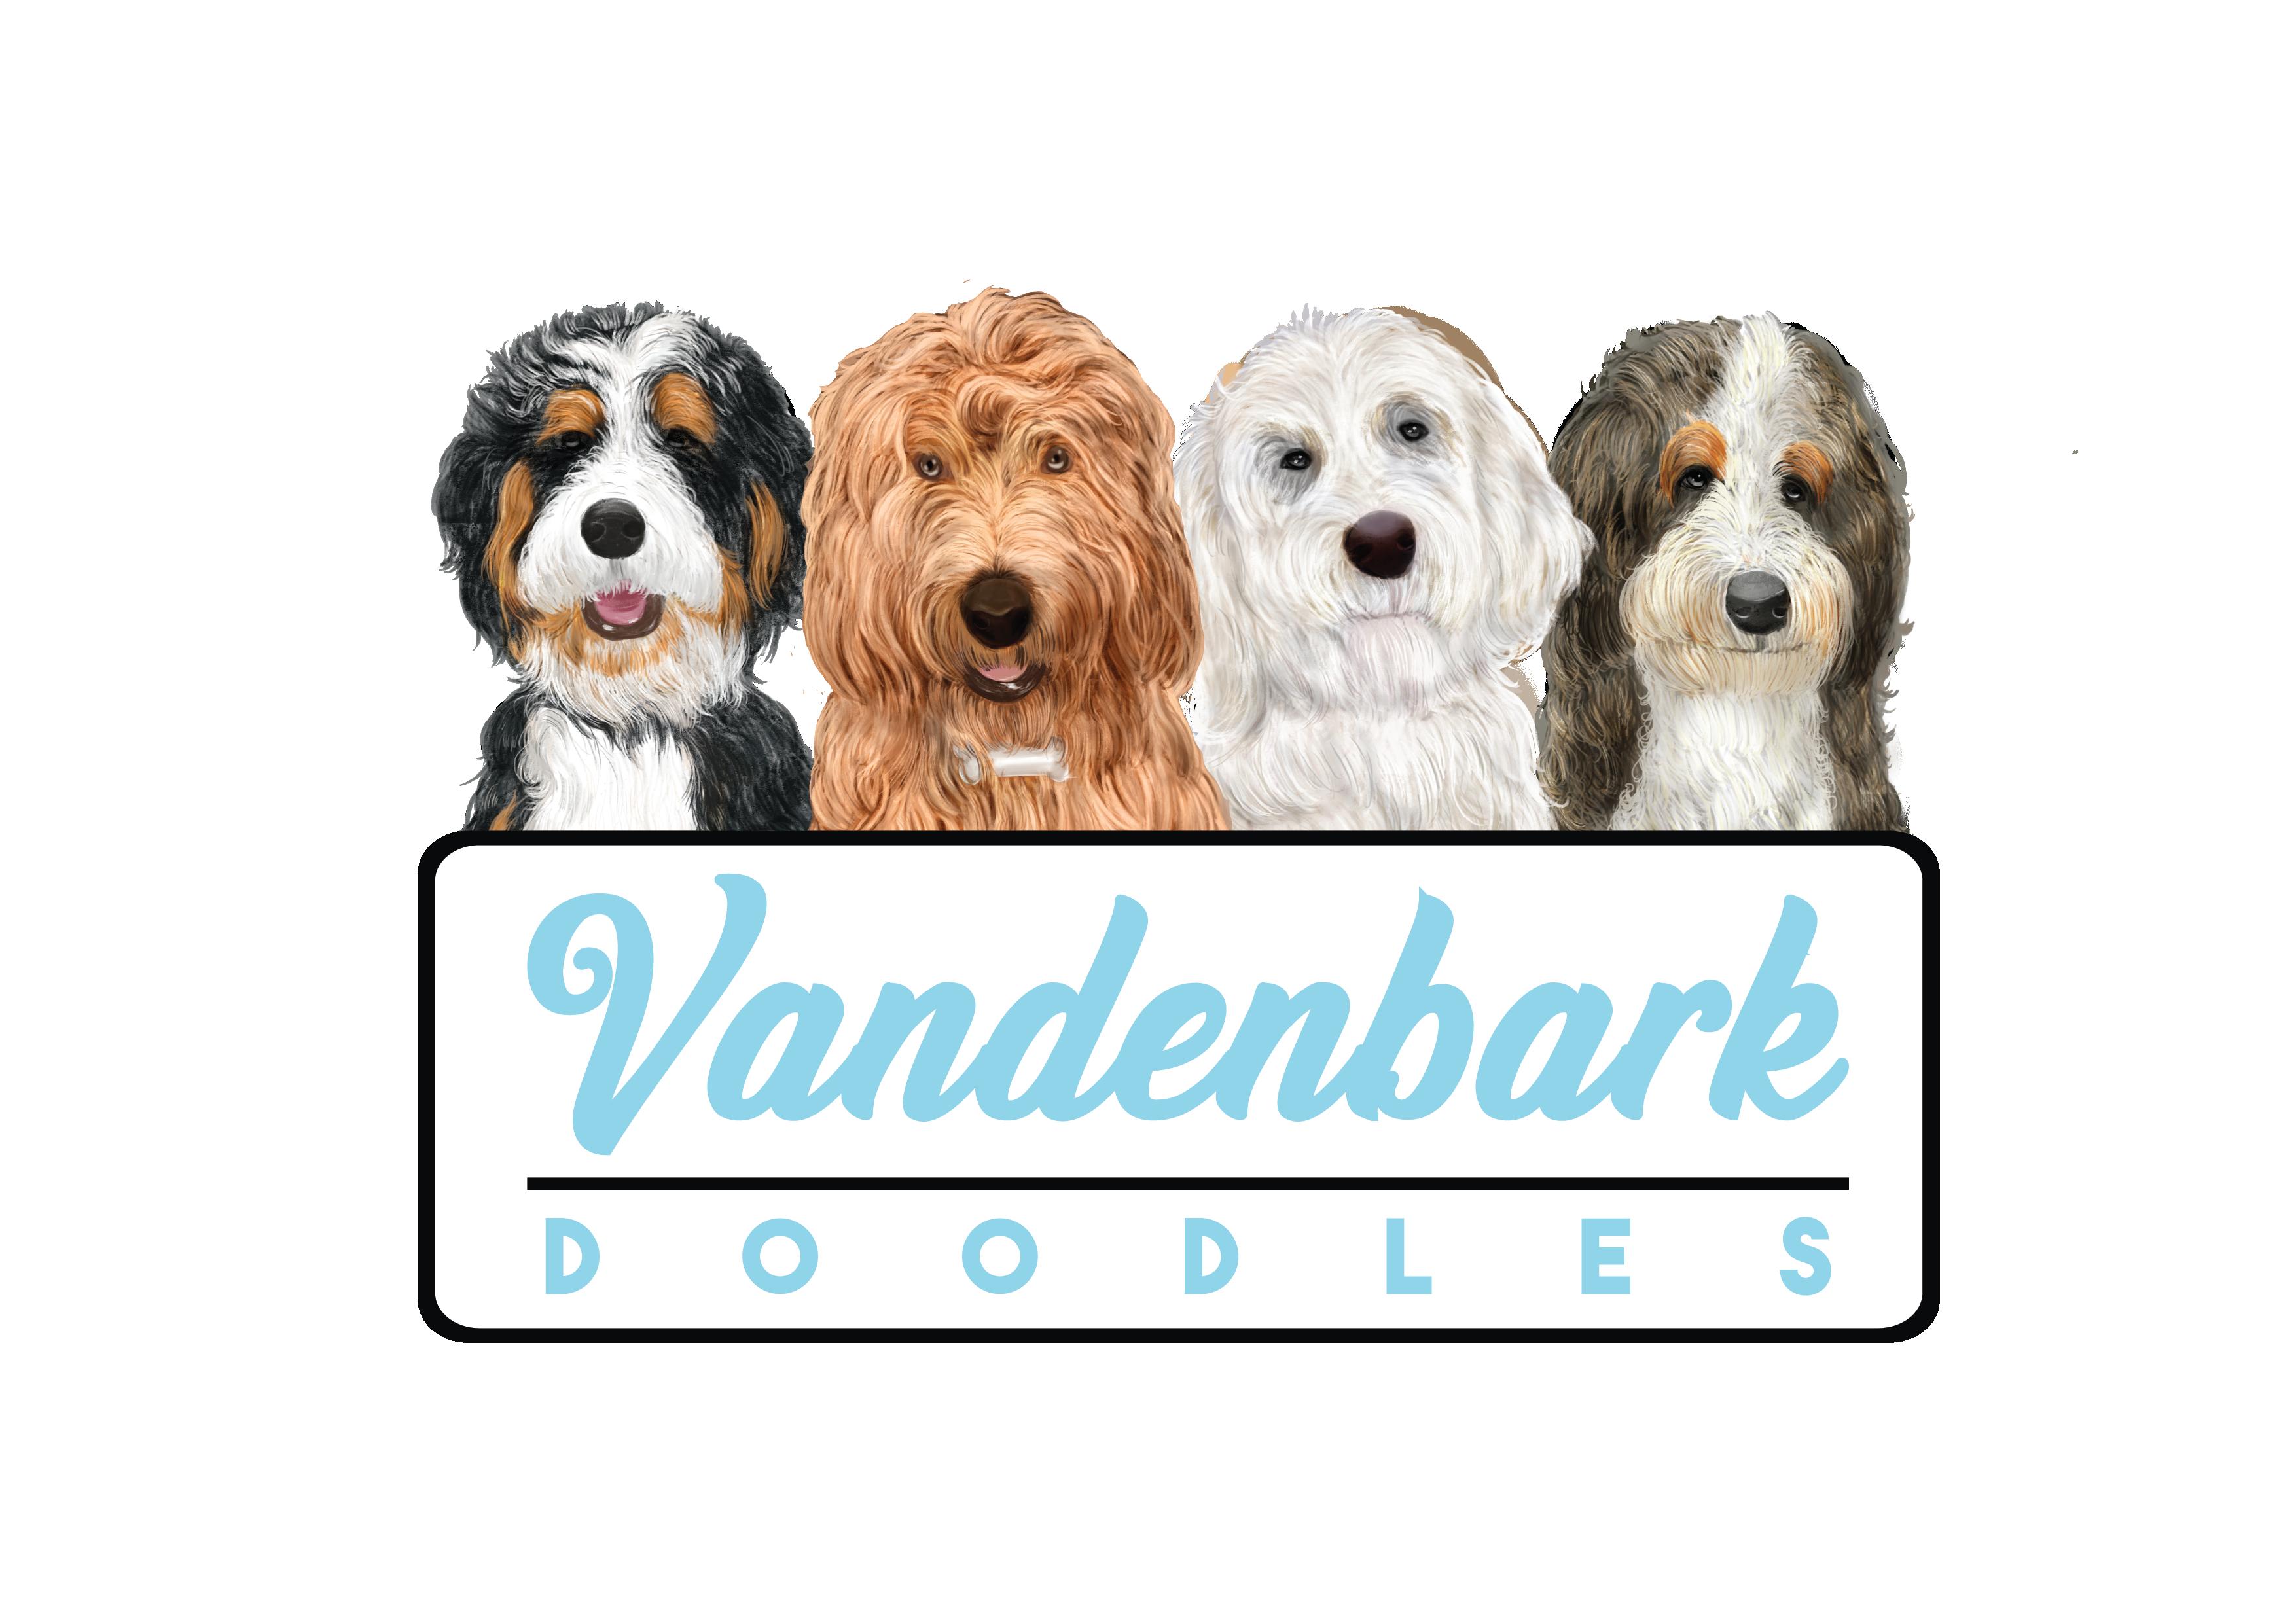 Vandenbark Doodles Bernedoodles Goldendoodles Co